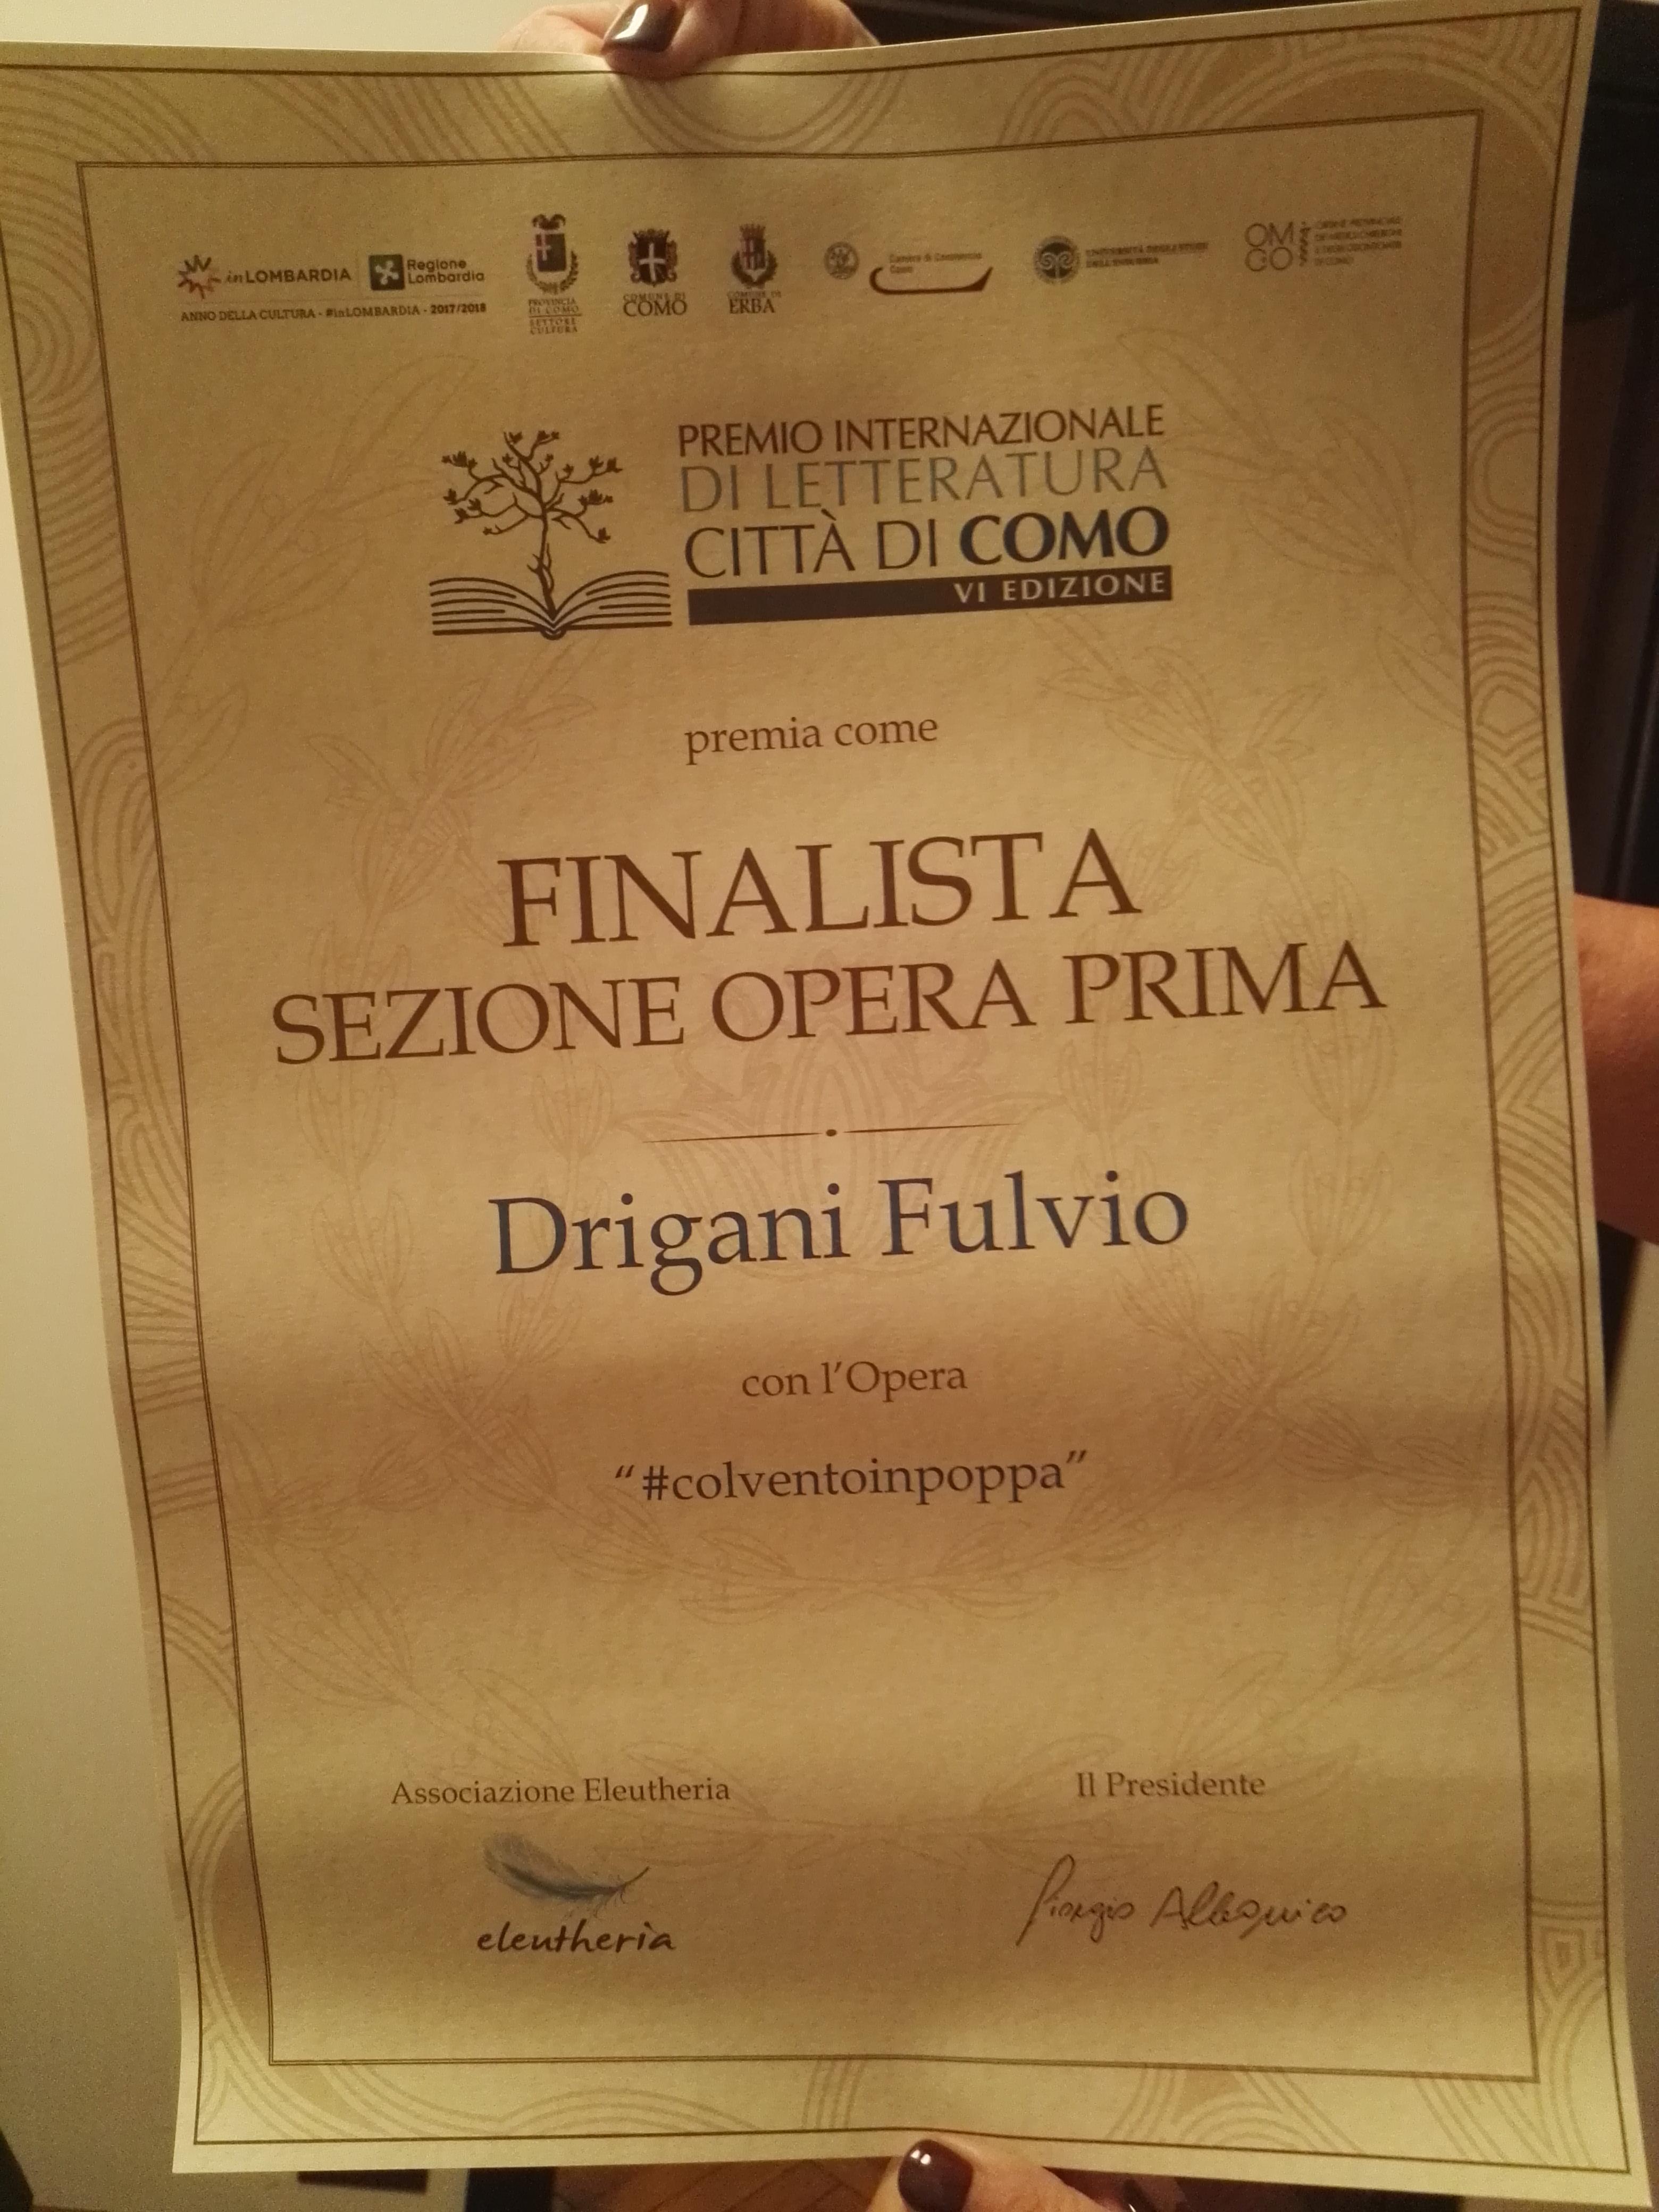 Ho ricevuto il diploma di finalista al Premio Letterario Città di Como, sezione Opera Prima!